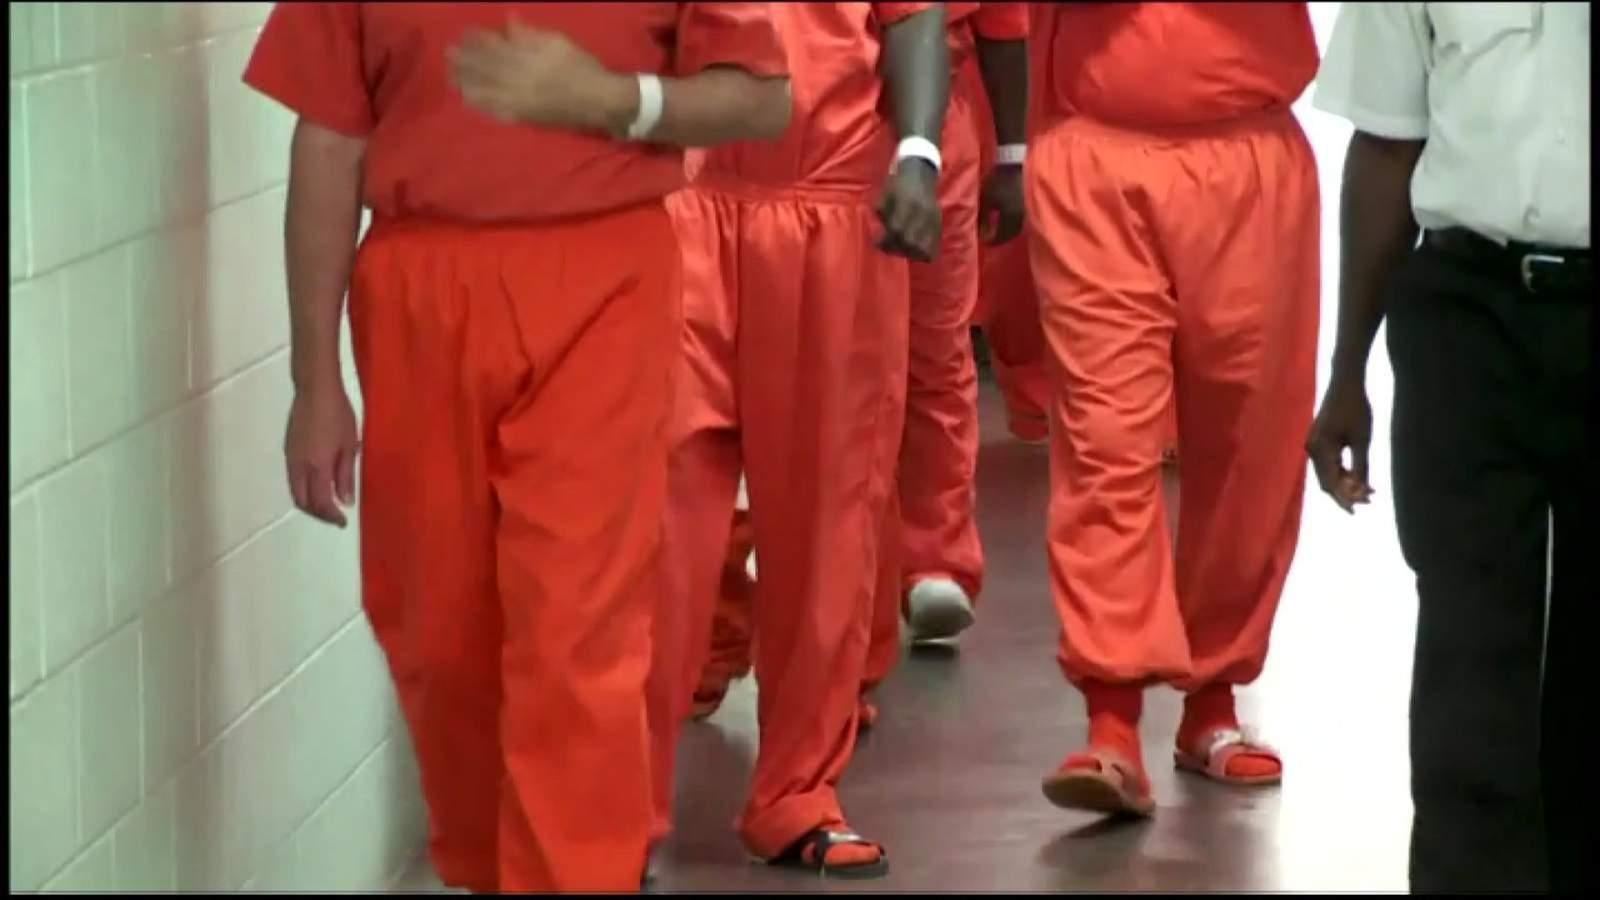 La jueza del condado de Harris dice que firmará una orden para liberar a cerca de mil presos de la cárcel del condado en medio de una crisis de coronavirus 7